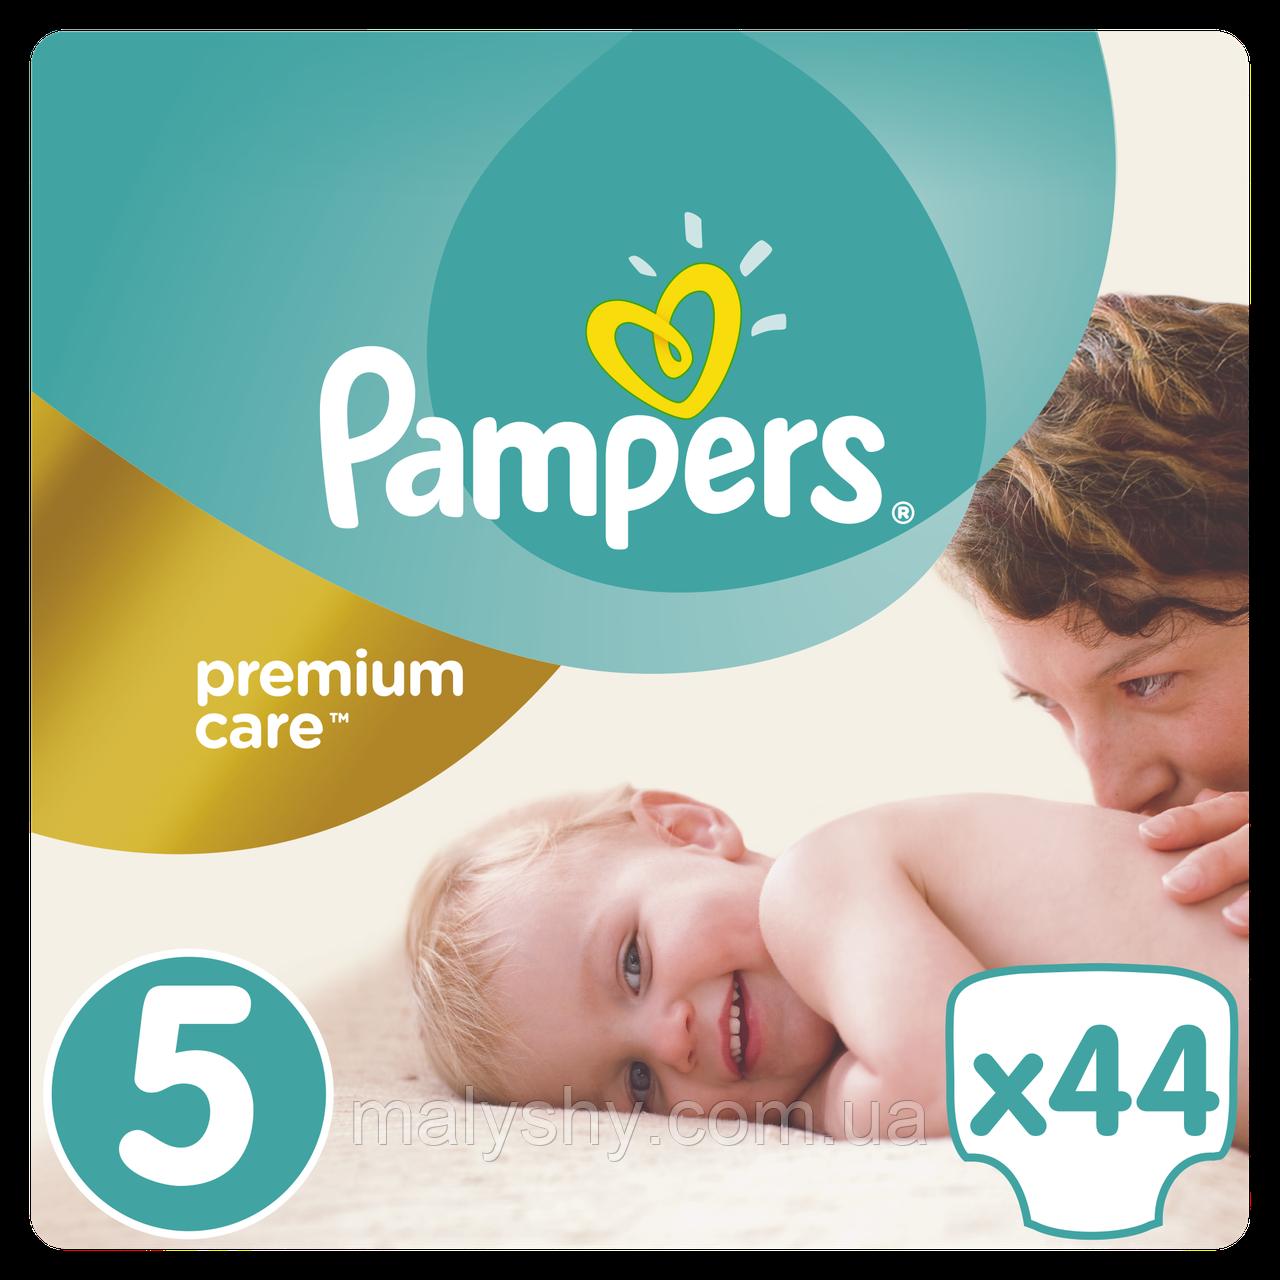 Подгузники (підгузники) Pampers Premium Care Размер 5 (Junior) 11-16 кг, 44 подгузника